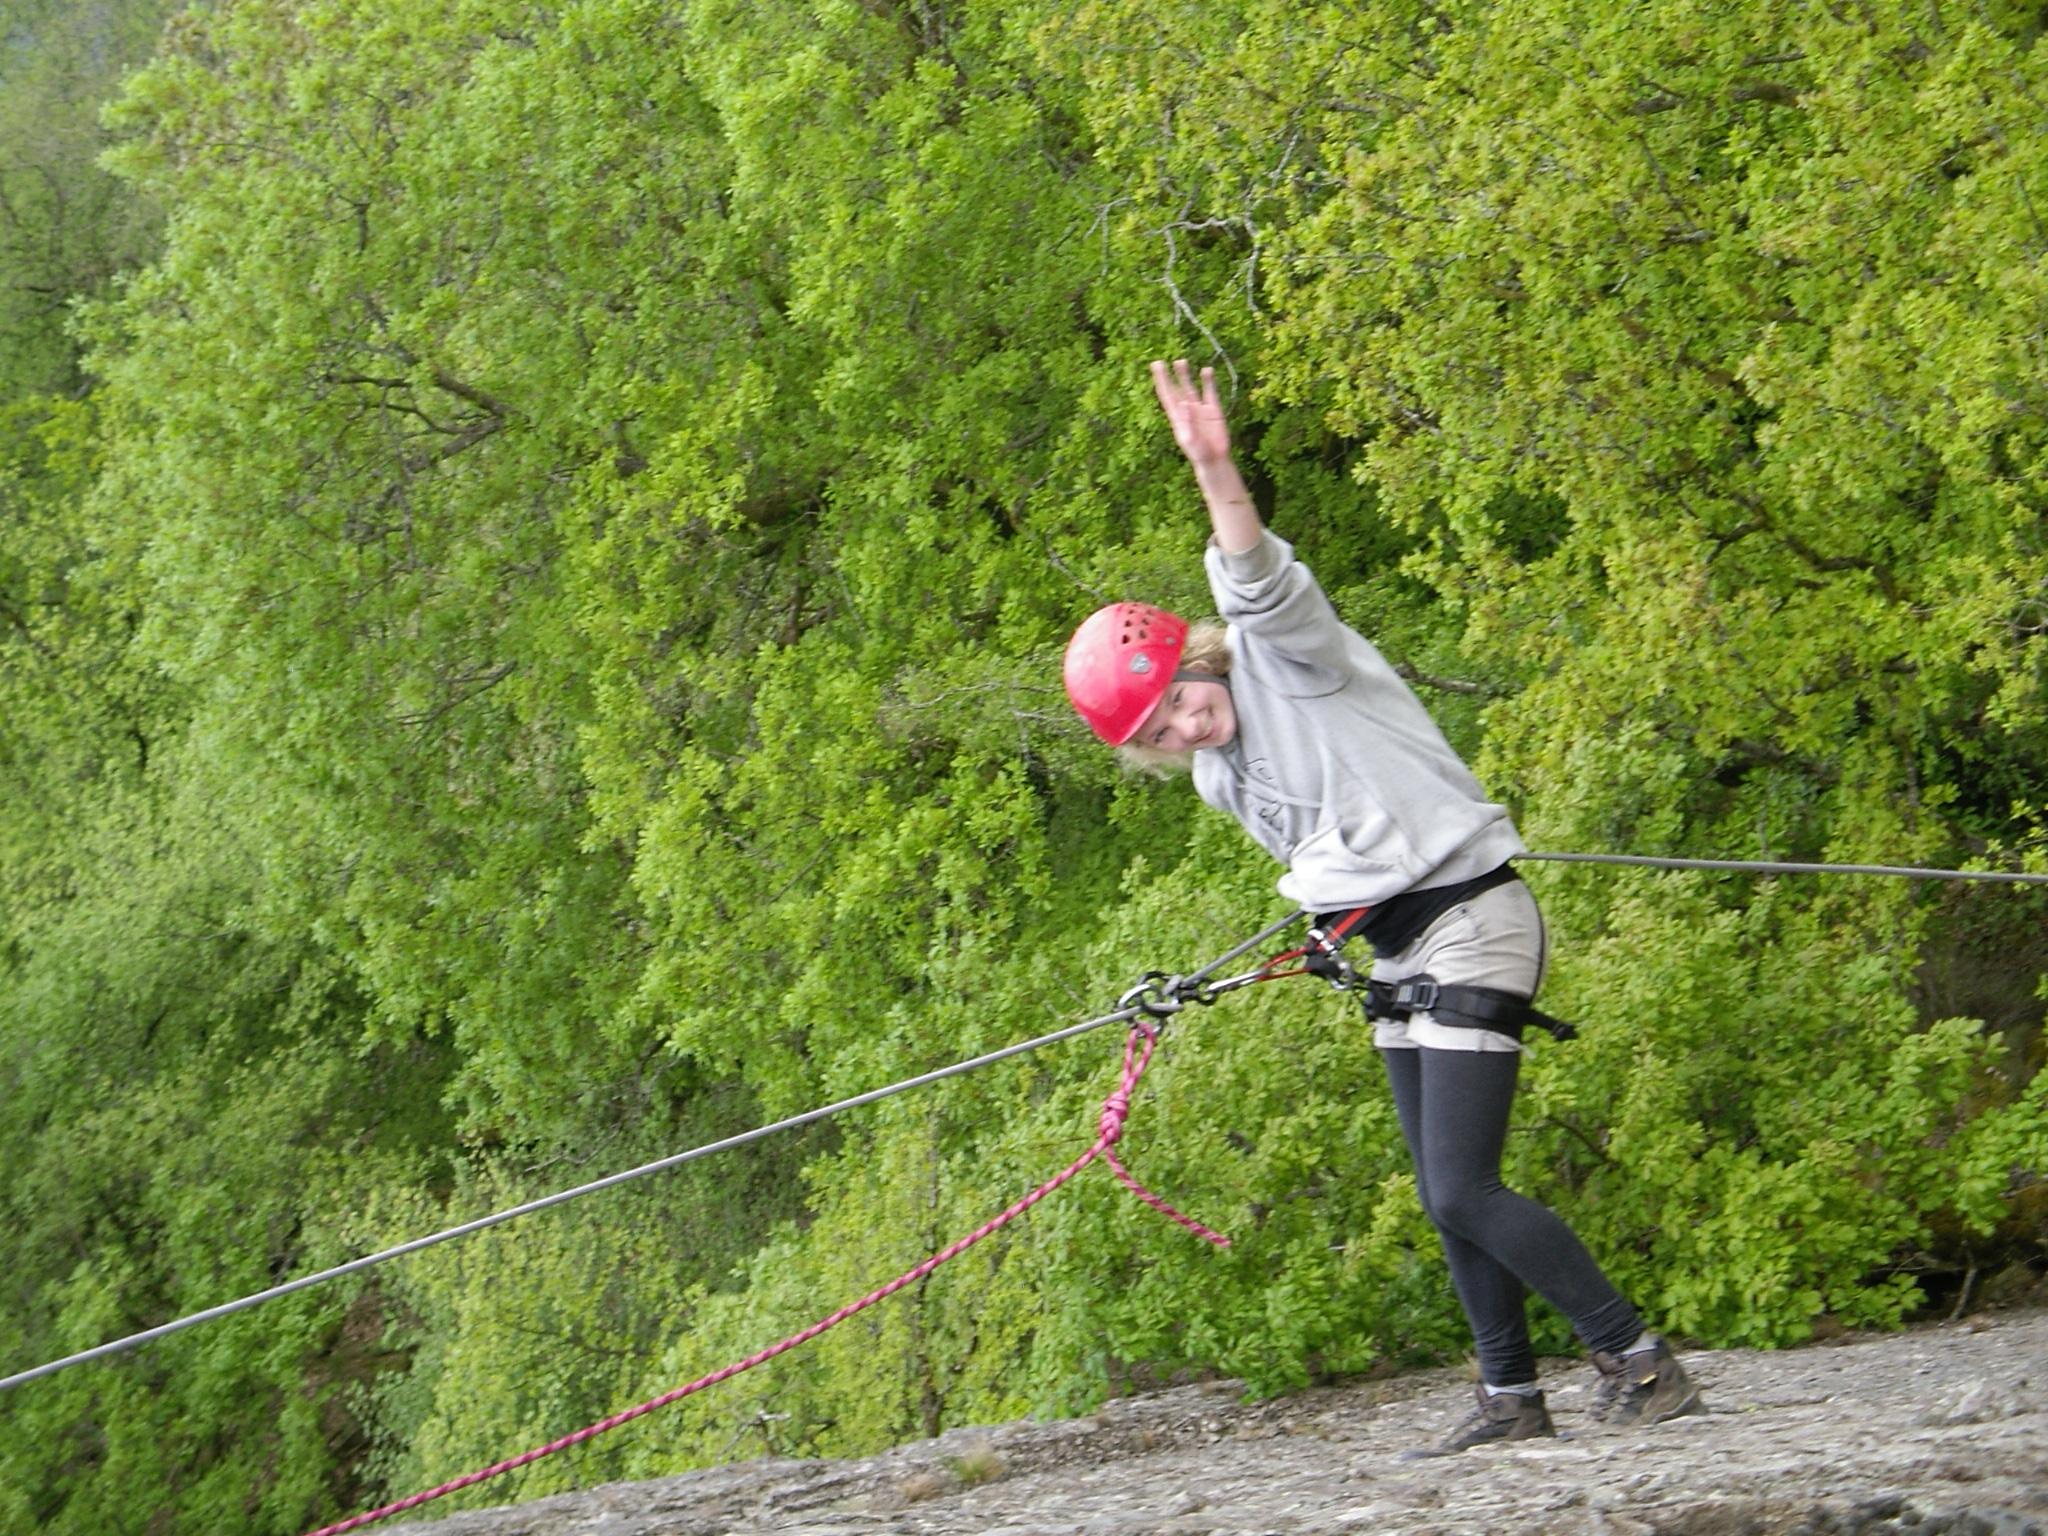 Tijdens een prachtige wandeltocht gaan we abseilen van een natuurlijke rotswand langs de rivier de Ourthe. Explore nature...discover the outdoors!